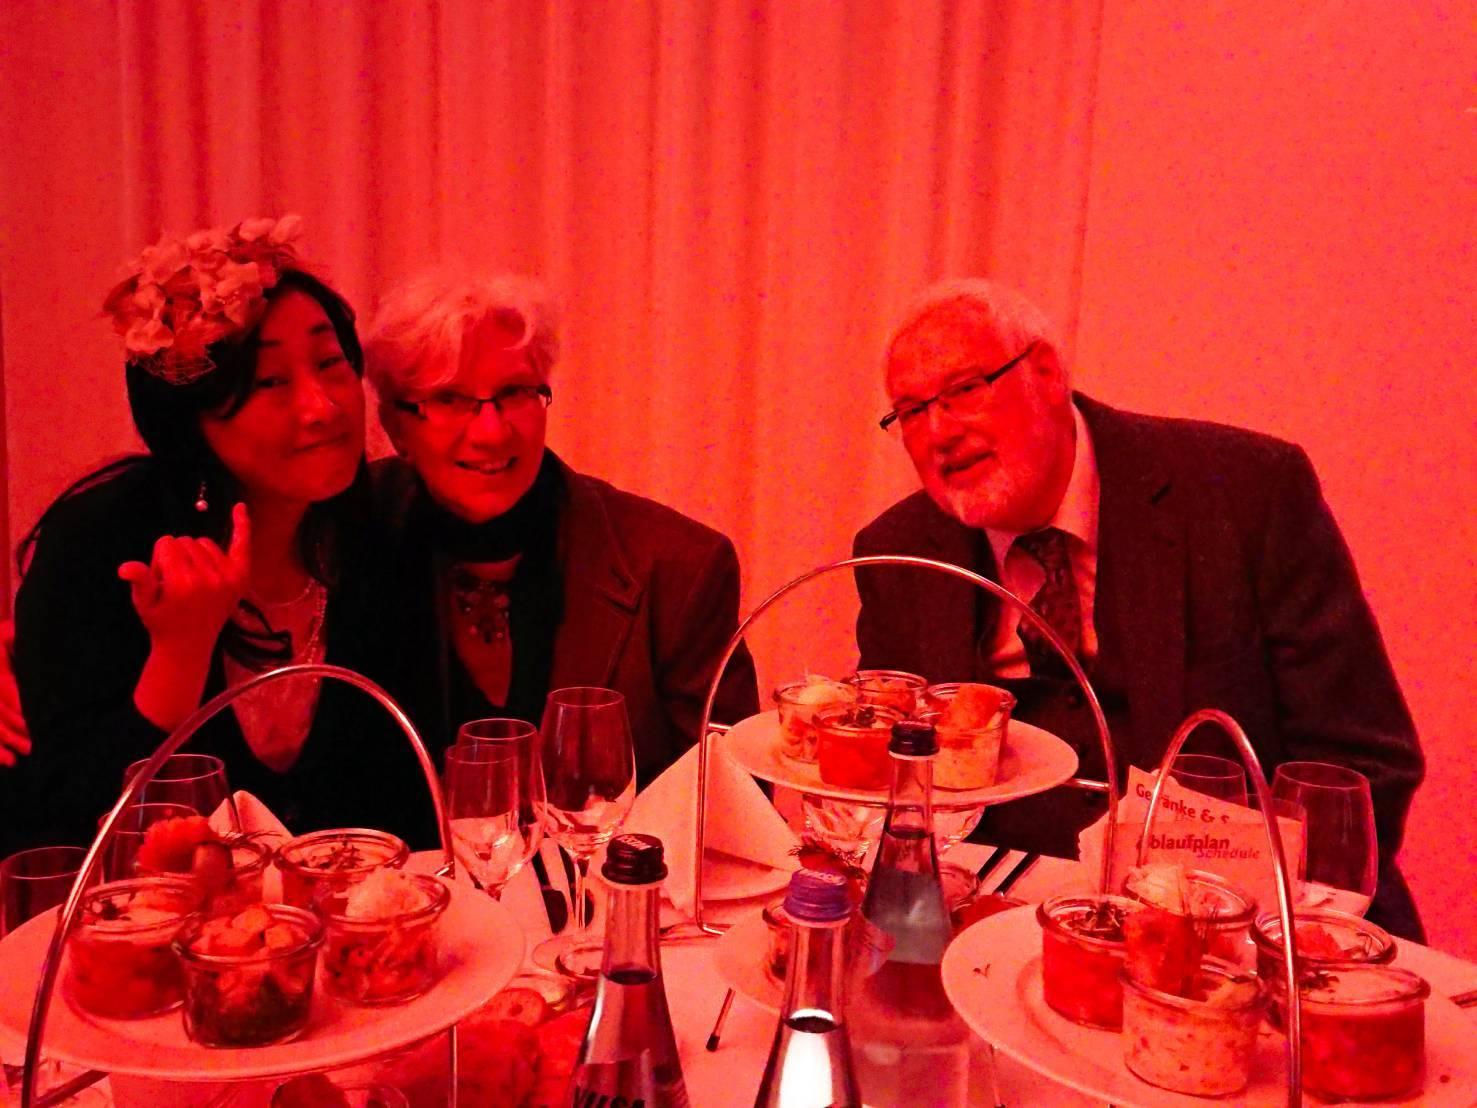 ドイツ、テディベアトータルの祝賀会にて。_c0173826_14542227.jpg